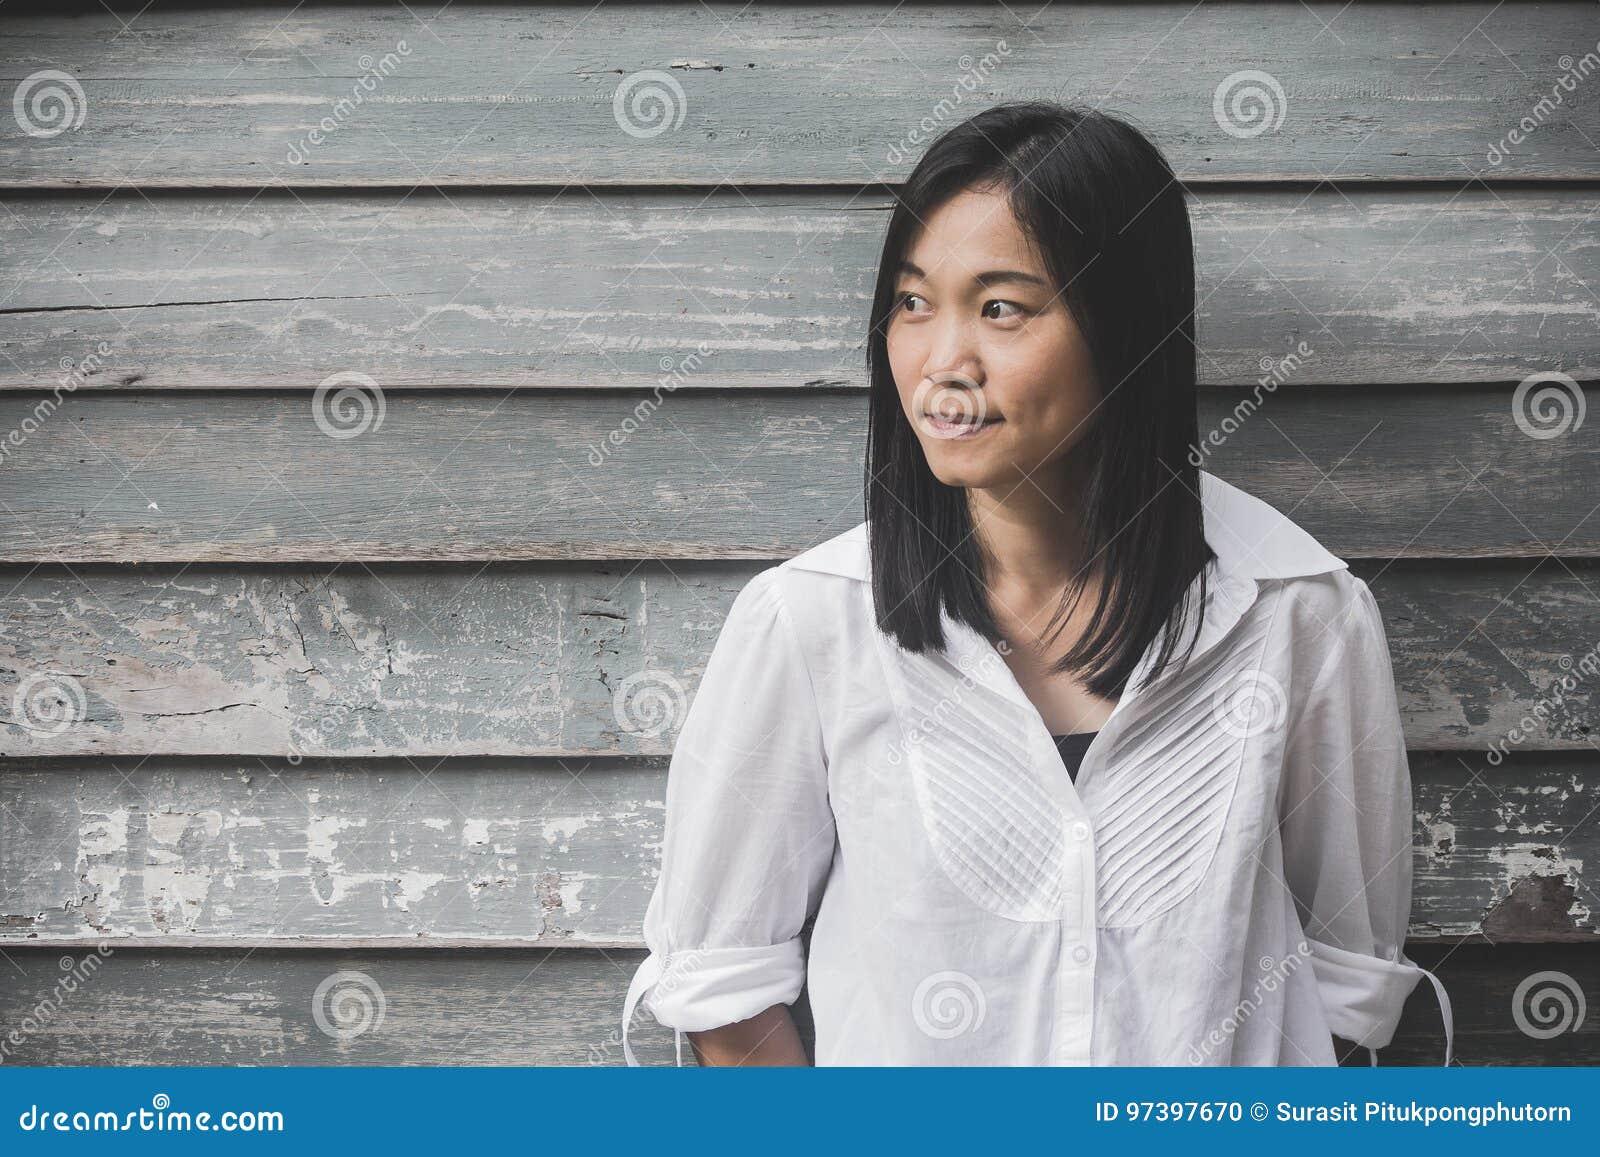 射击照片亚洲妇女画象穿戴白色衬衣和看斜向一边有木墙壁背景